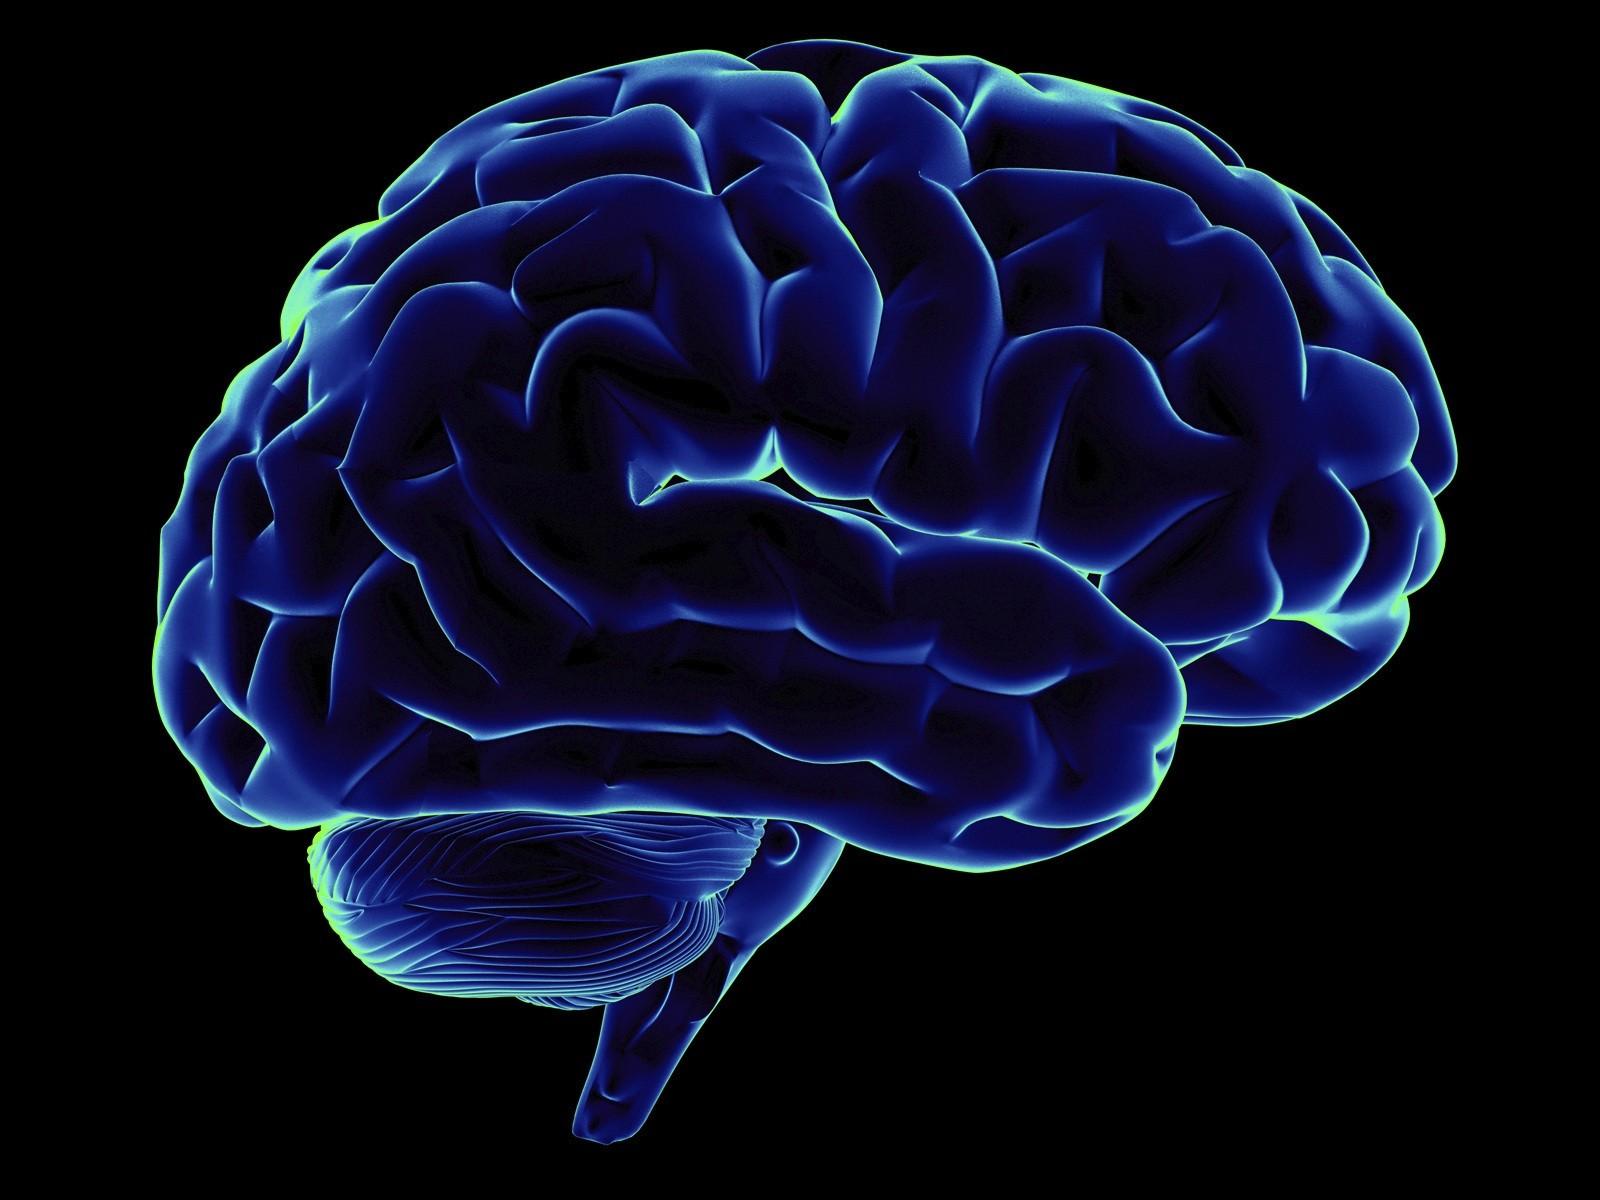 Американские учёные смогли создать машину для перевода мыслей вслова